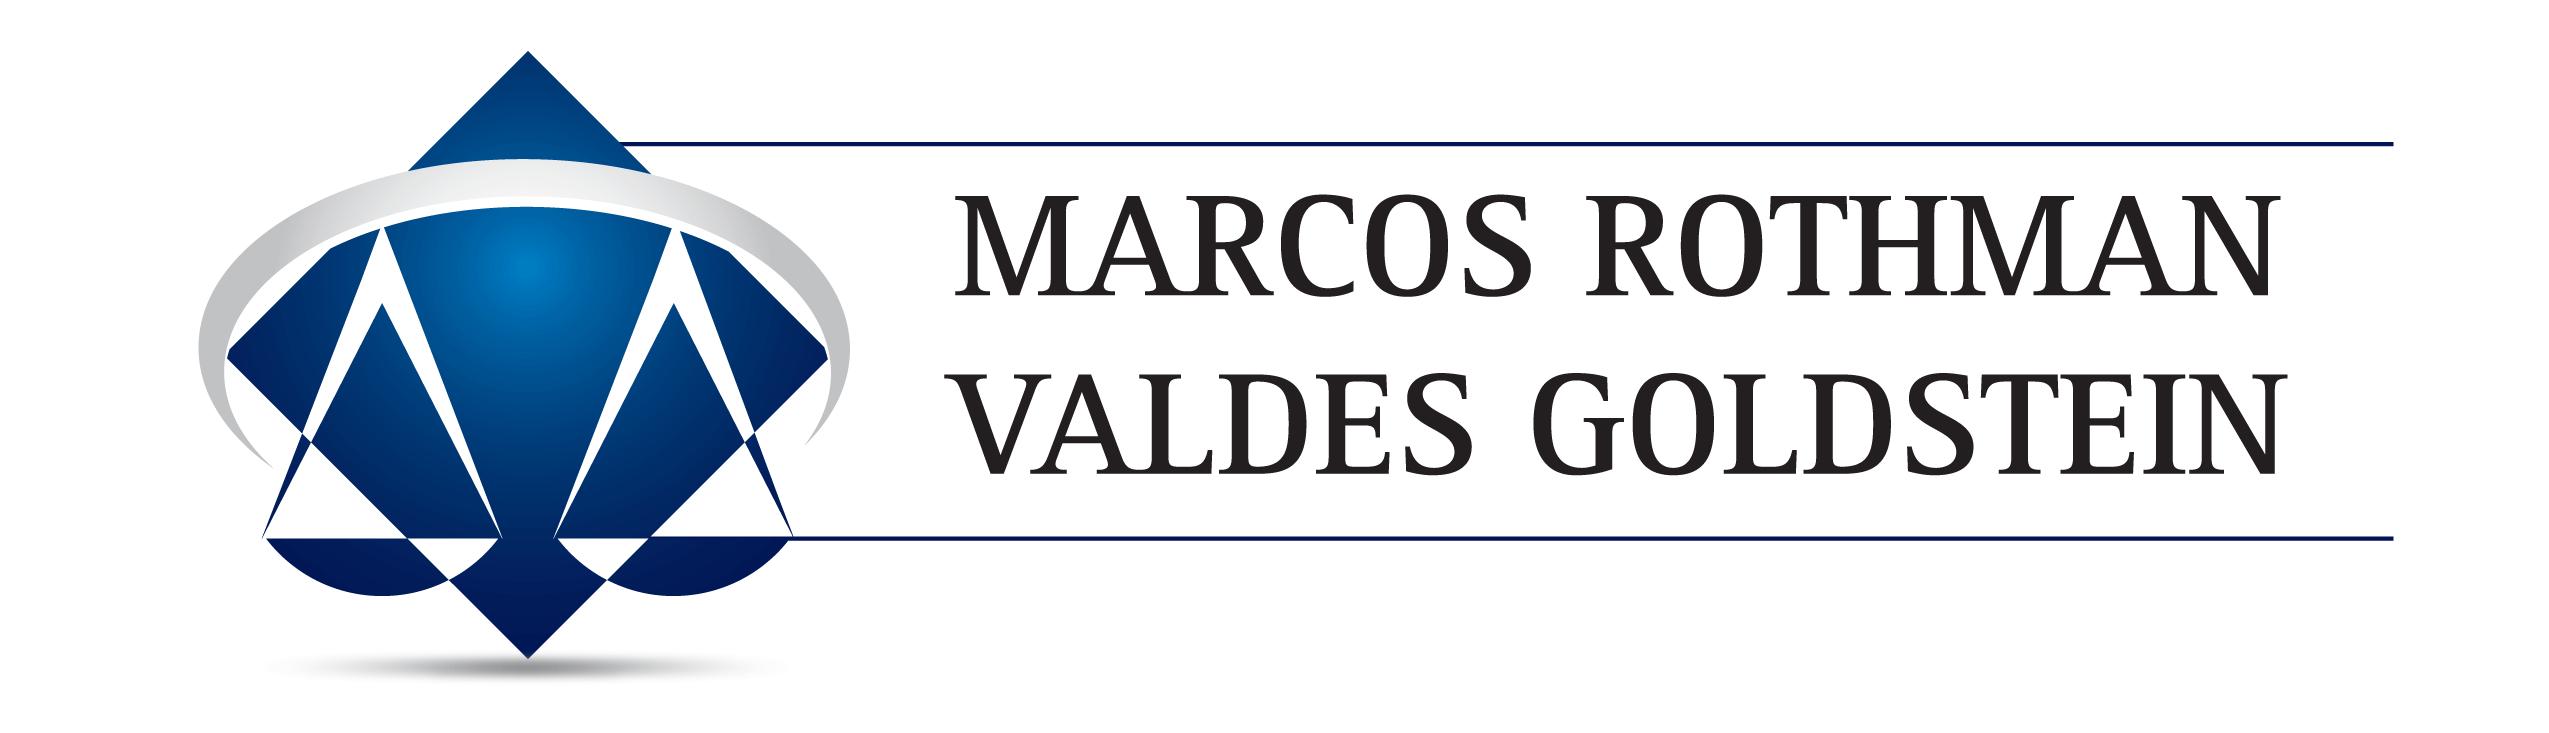 Marcos Rothman Valdes Goldstein P.L